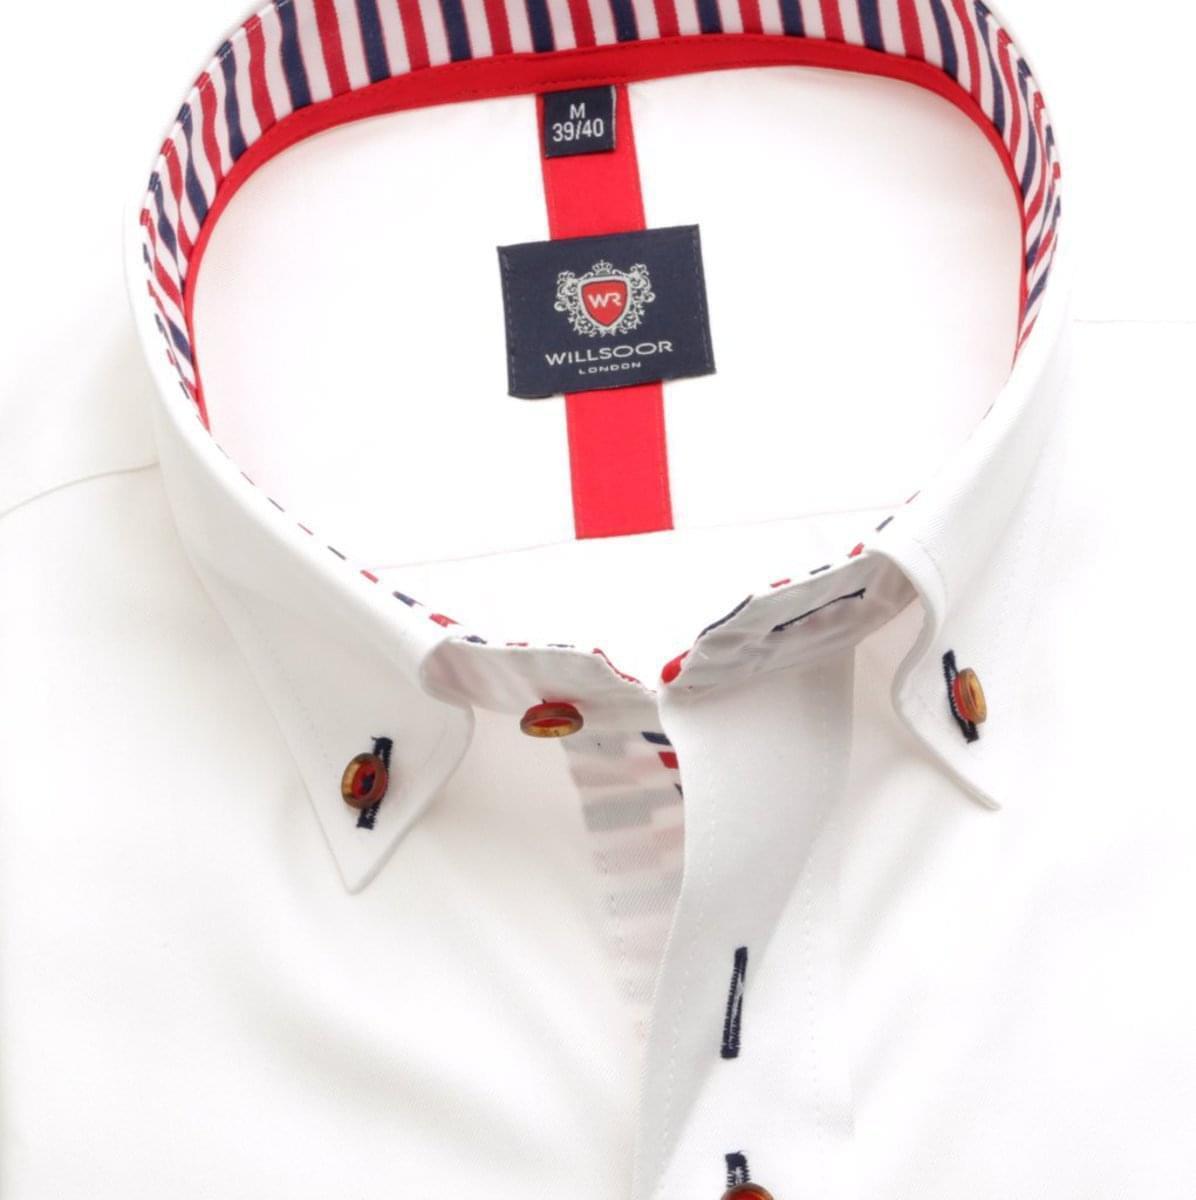 Pánská košile London v bílé barvě (výška 176-182) 5500 176-182 / M (39/40)